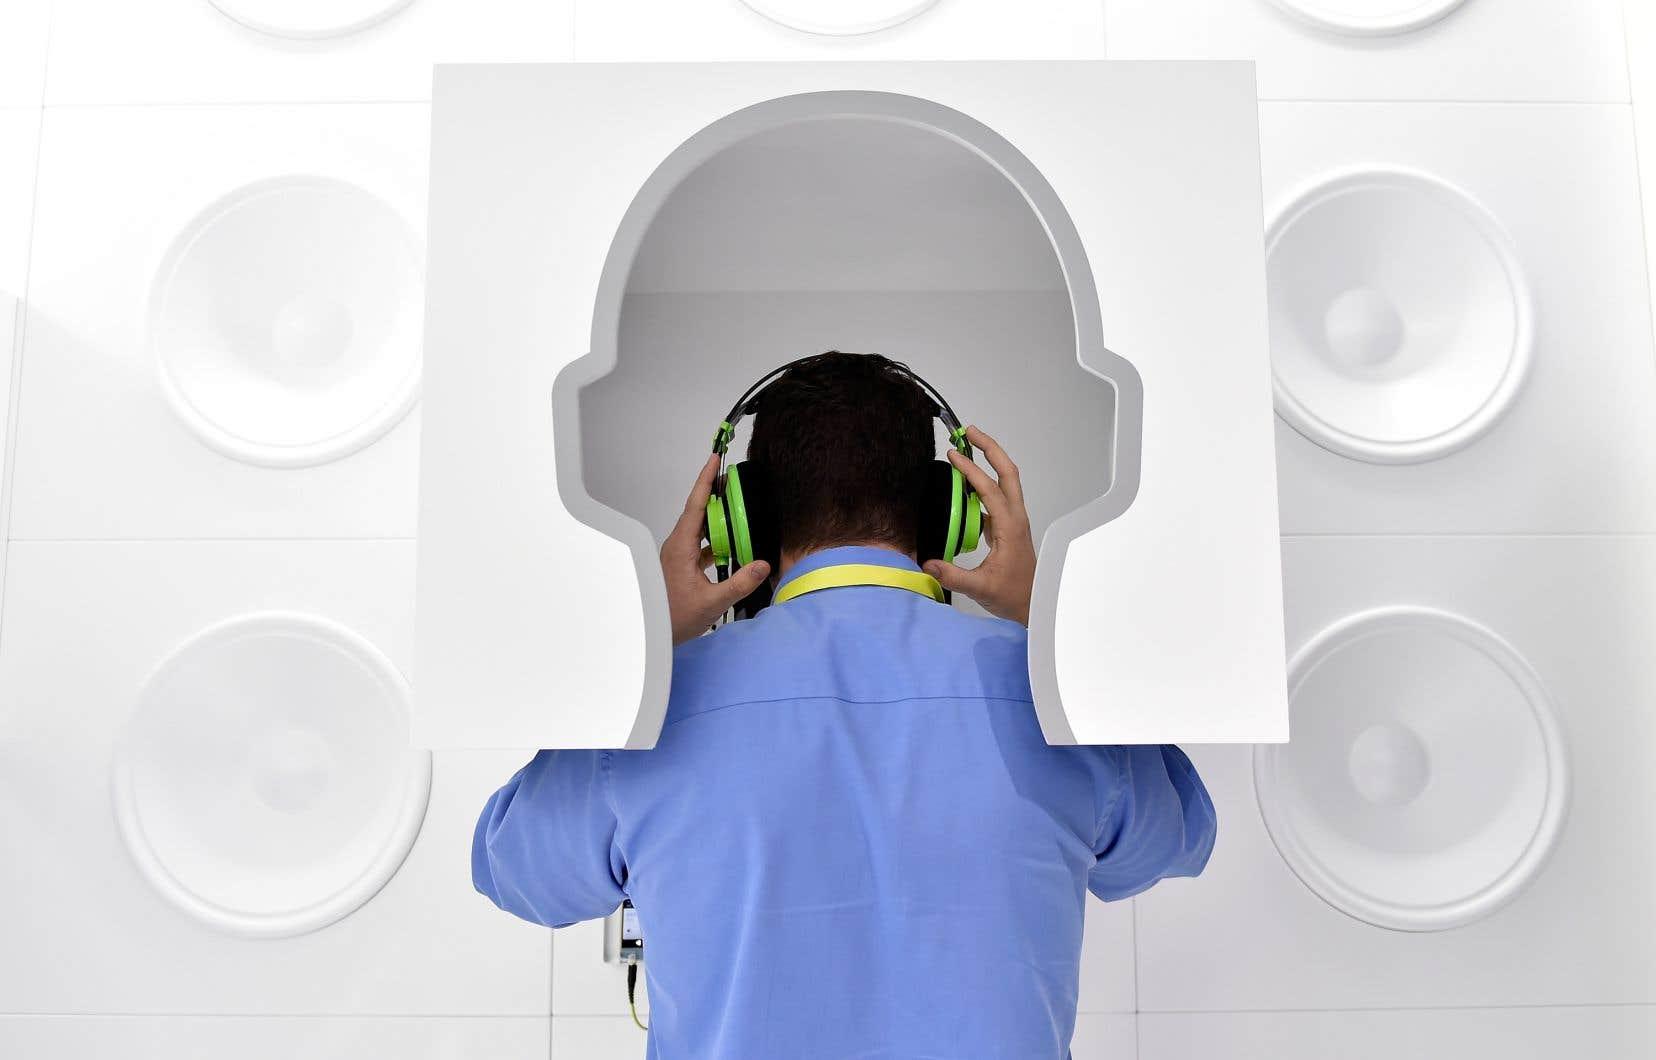 Le neuroscientifique Robert Zatorre et ses collègues étudient les effets de la musique sur nos émotions.